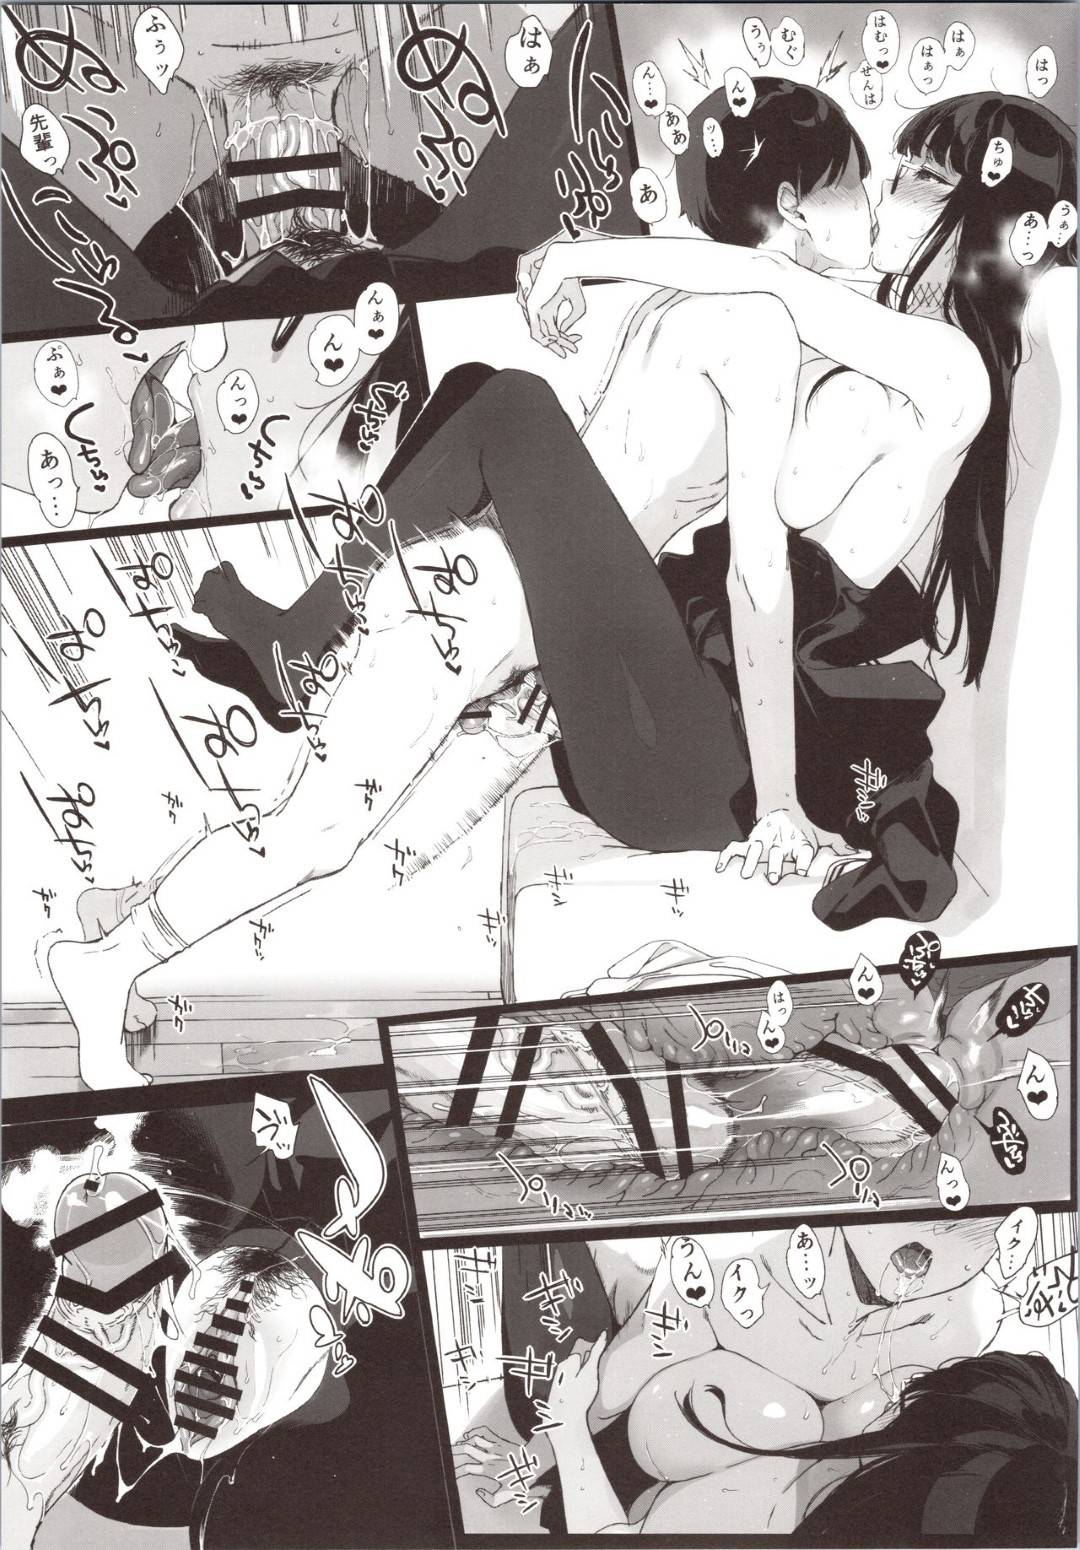 【エロ漫画】【エロ漫画】部長女子とヤりまくっていた後輩男子を夜這いしてエッチを迫る美少女爆乳JK…断れない男子を脅して逆レイプし強制中出し浮気セックスしてザーメンまみれでイキまくる【笹森トモエ:先輩が僕にシてるコト2】